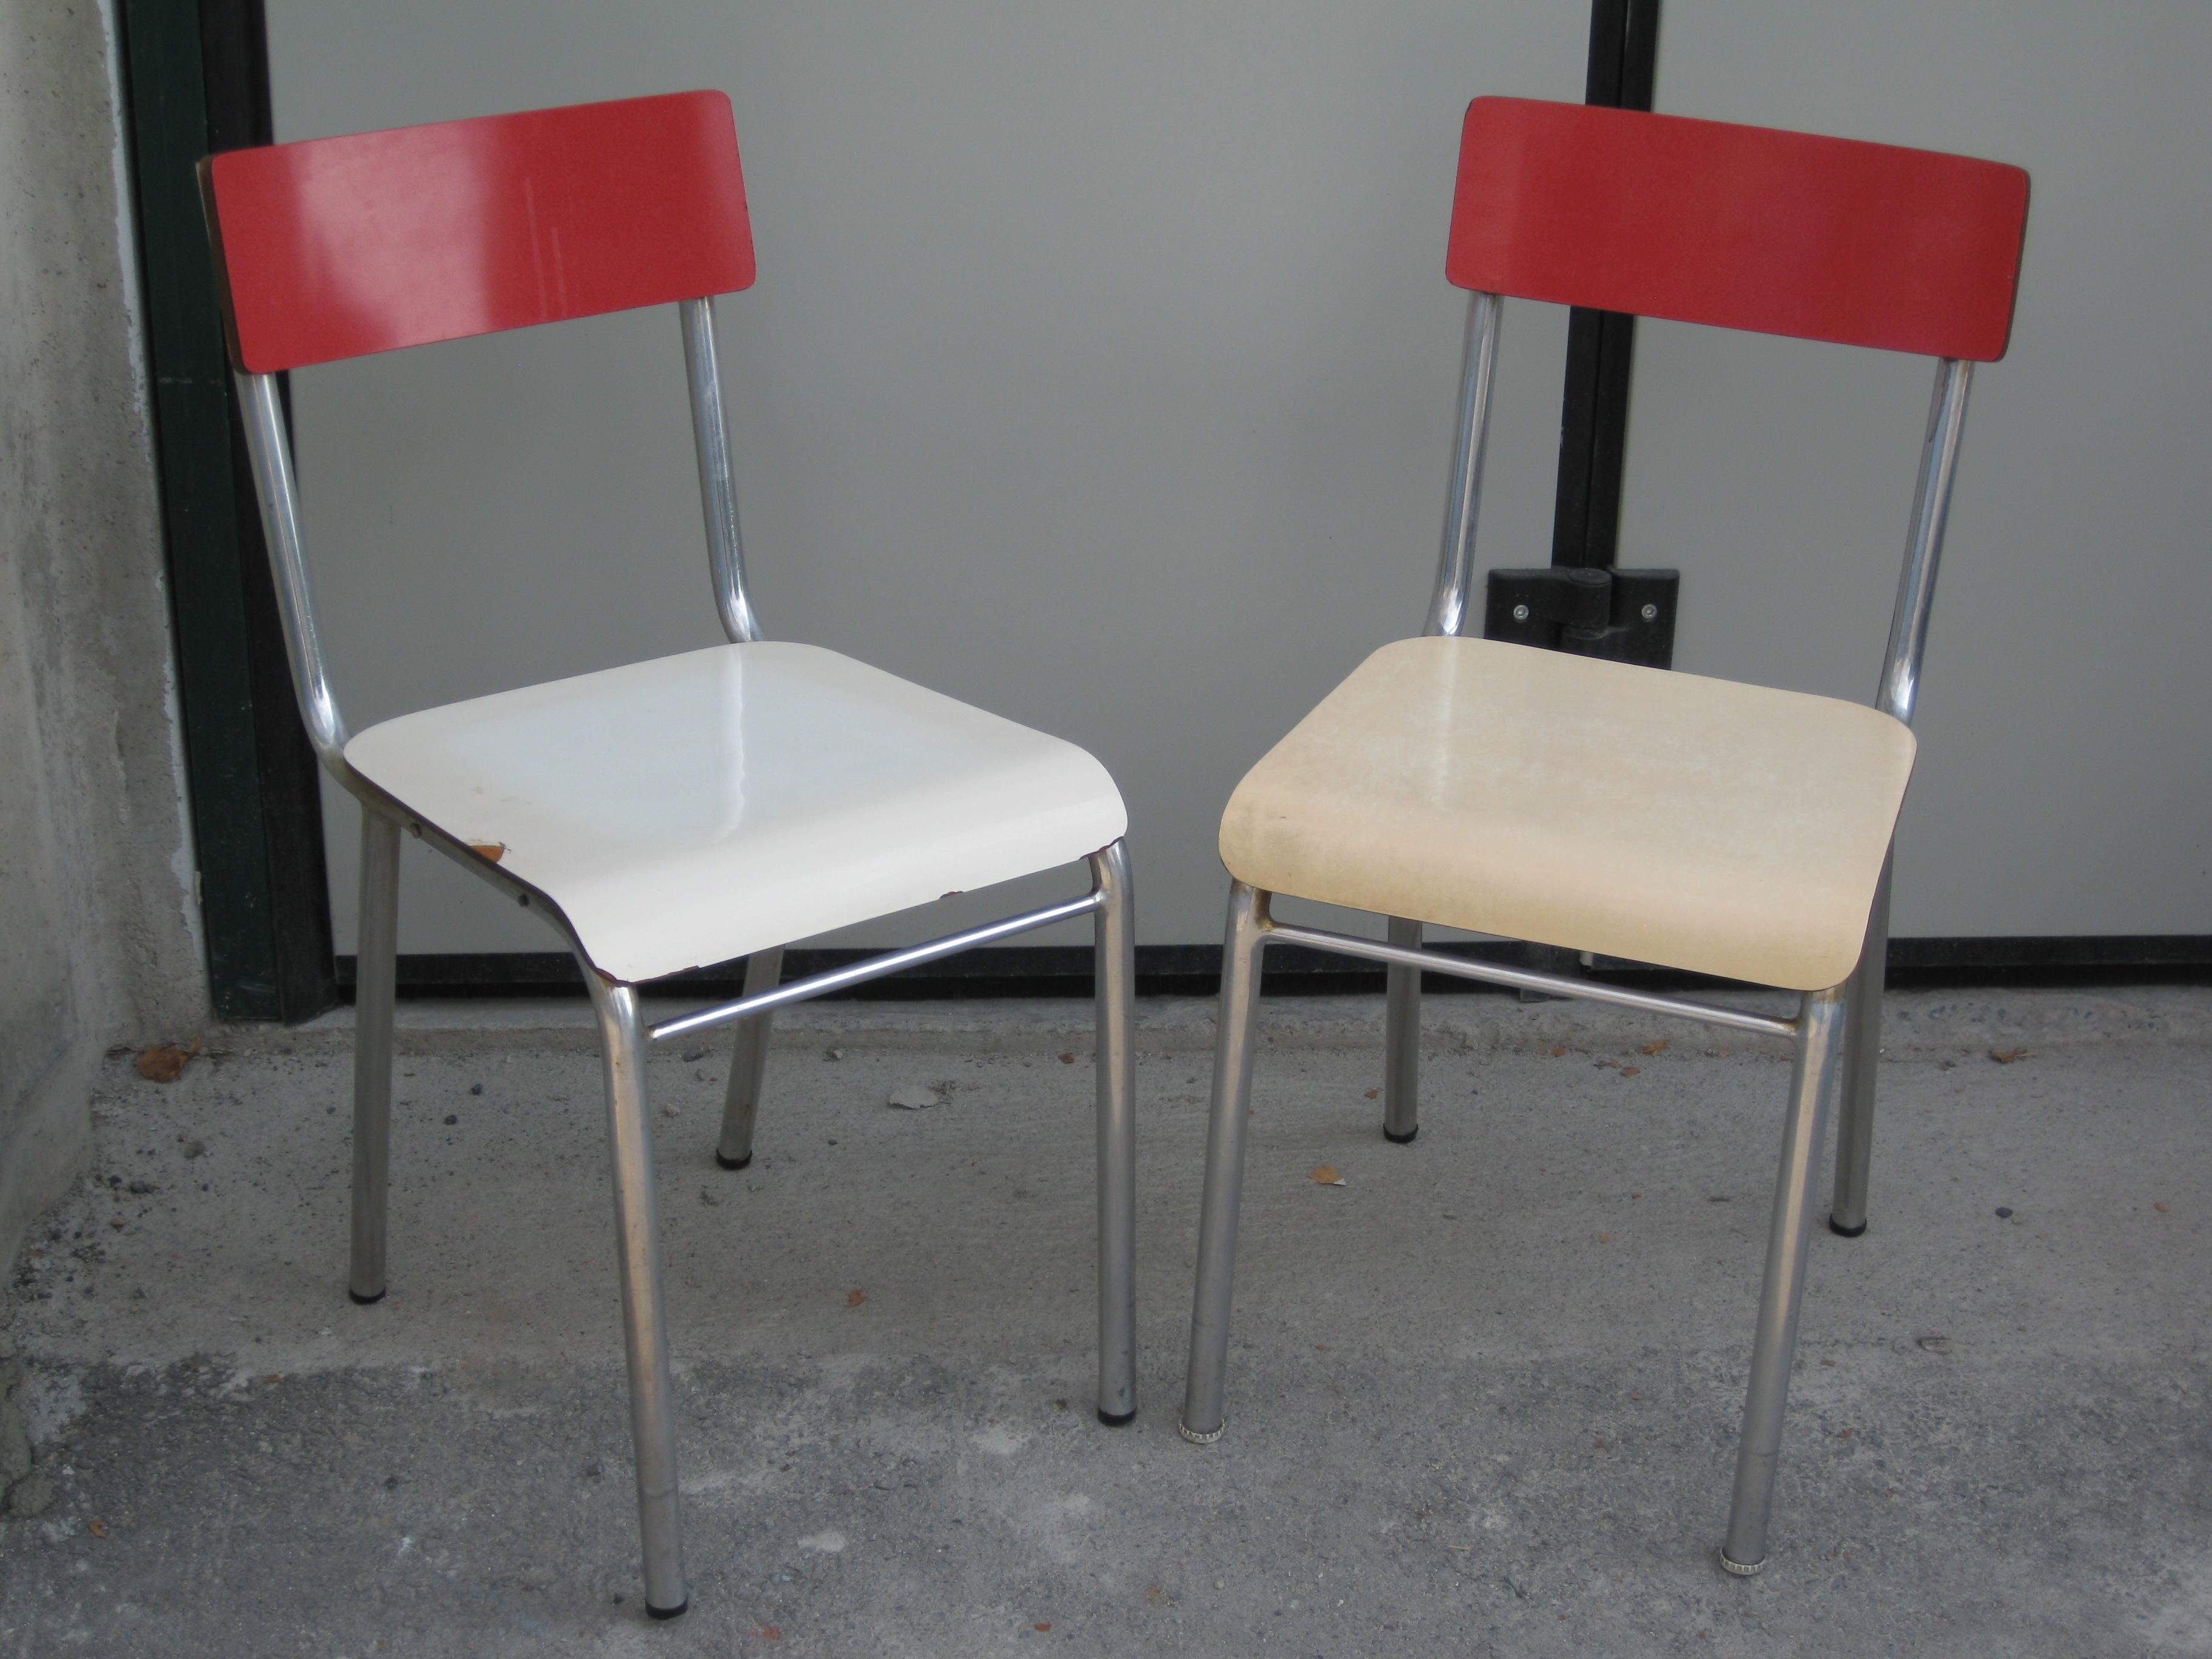 sedie cucina anni 50 anche tavolo rett piccolo  UTILEUSATO